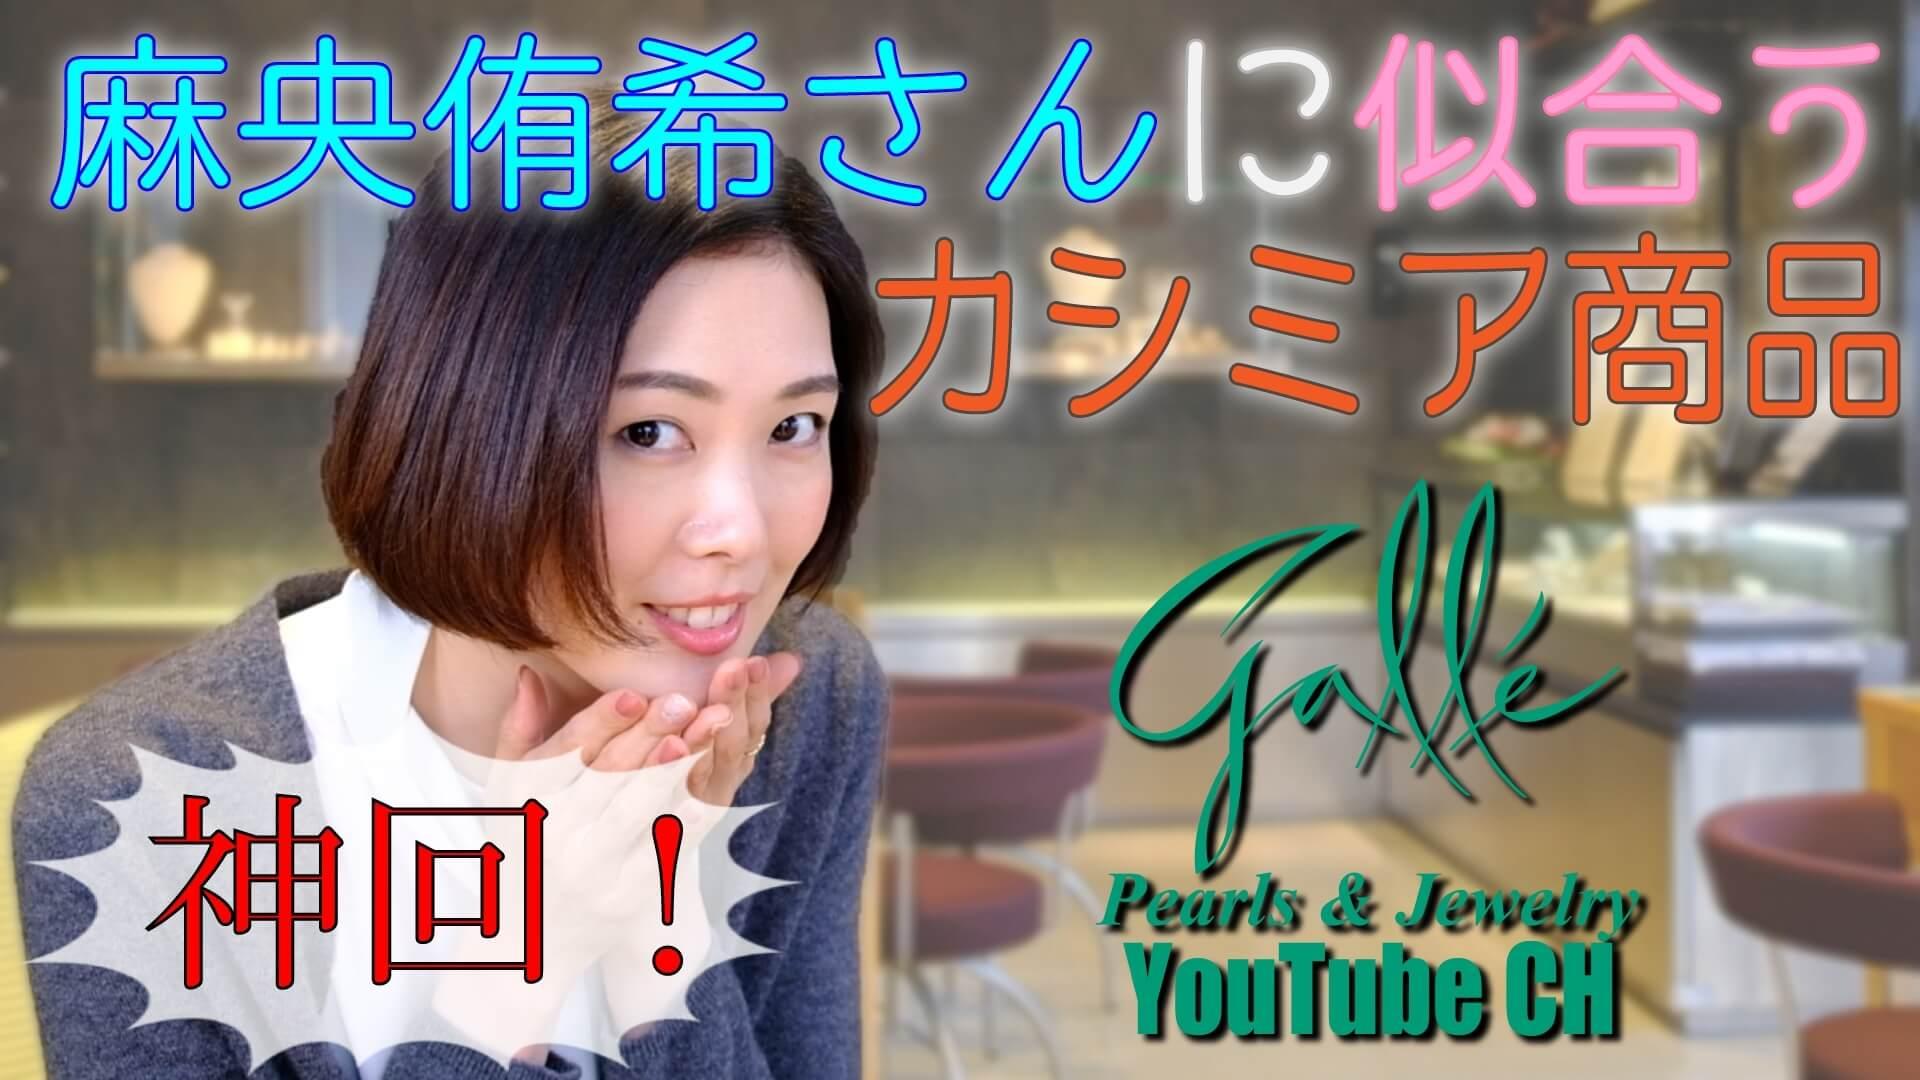 Galle × 麻央侑希さん YouTubeコラボ企画第二弾